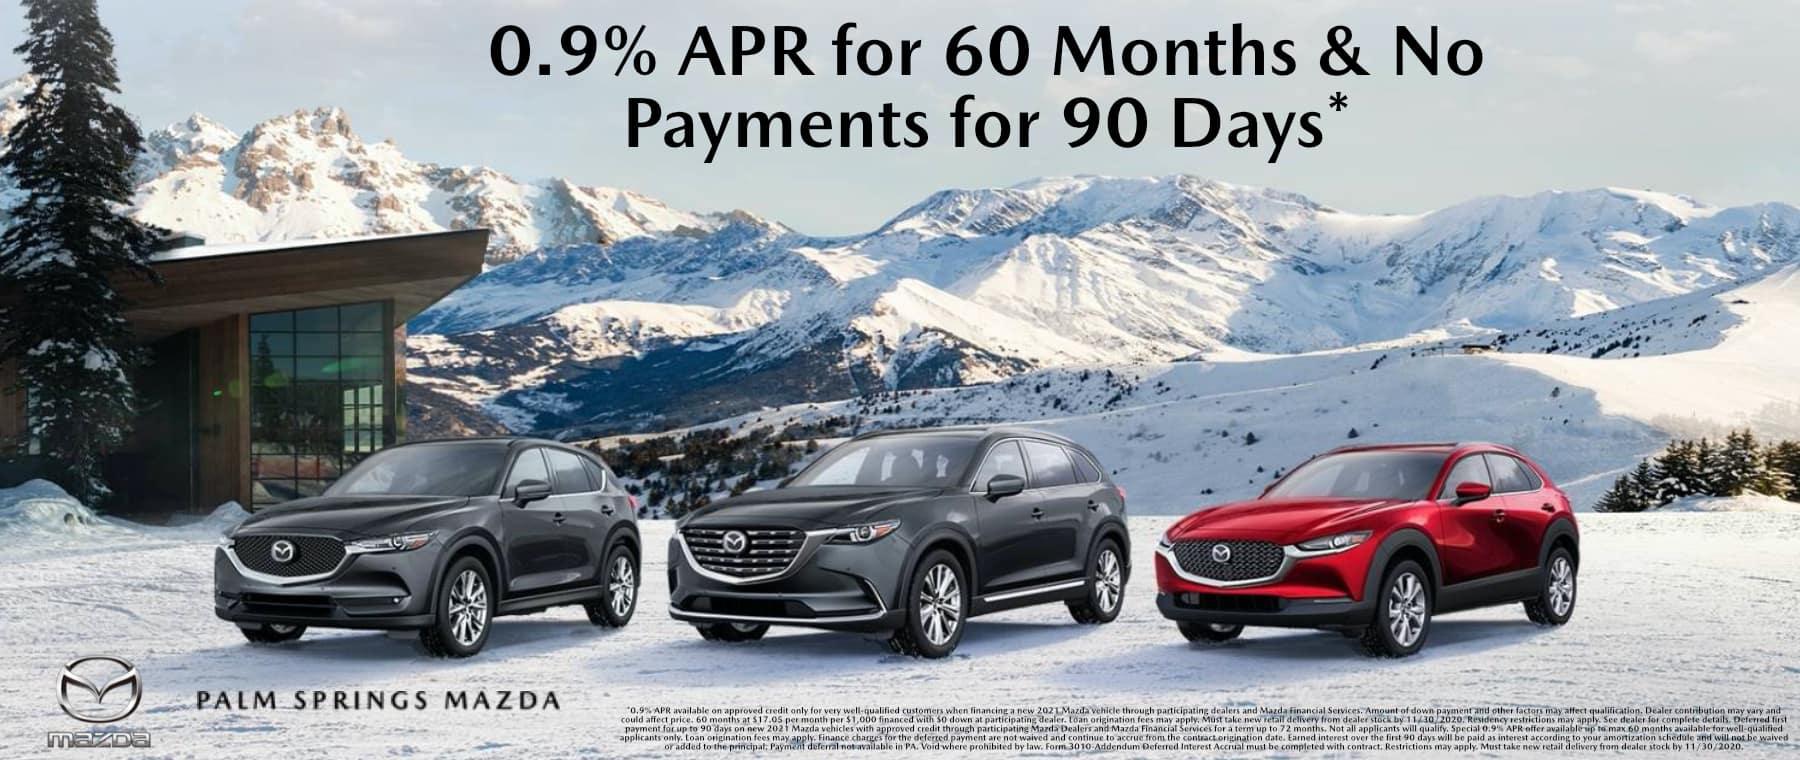 November-2020 General Palm Springs Mazda